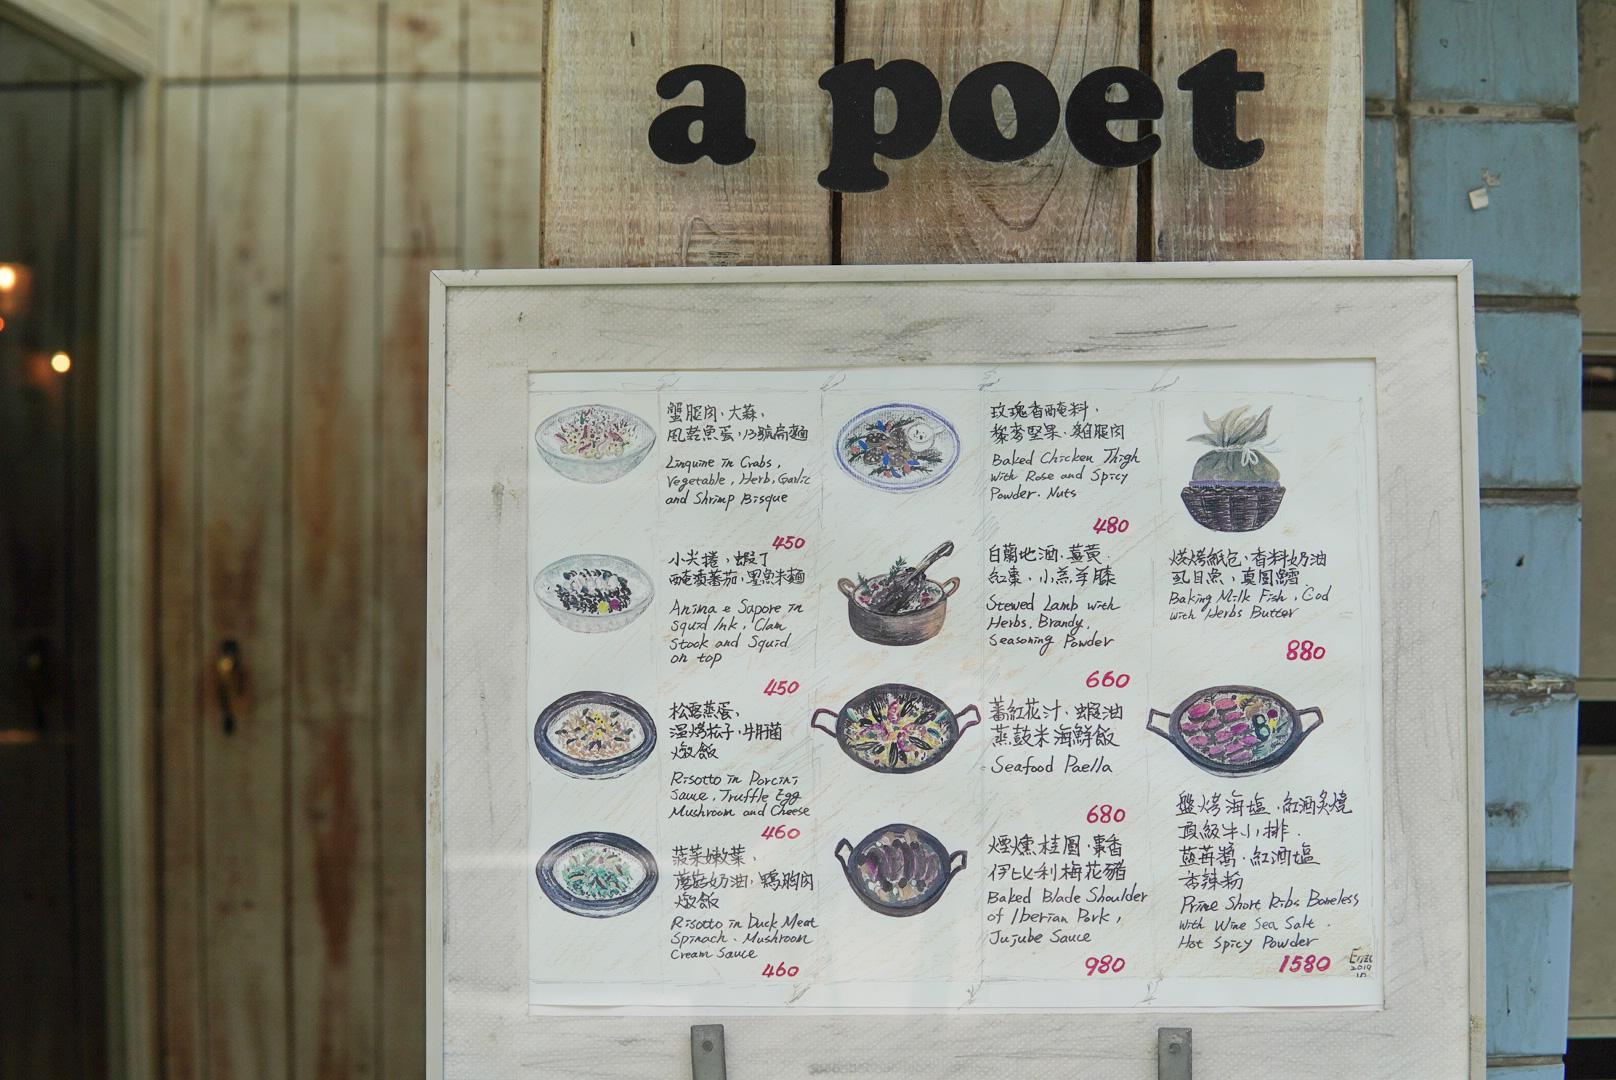 ☆【台北|信義安和】A poet地中海風餐酒館。七月壽星的人生酒館